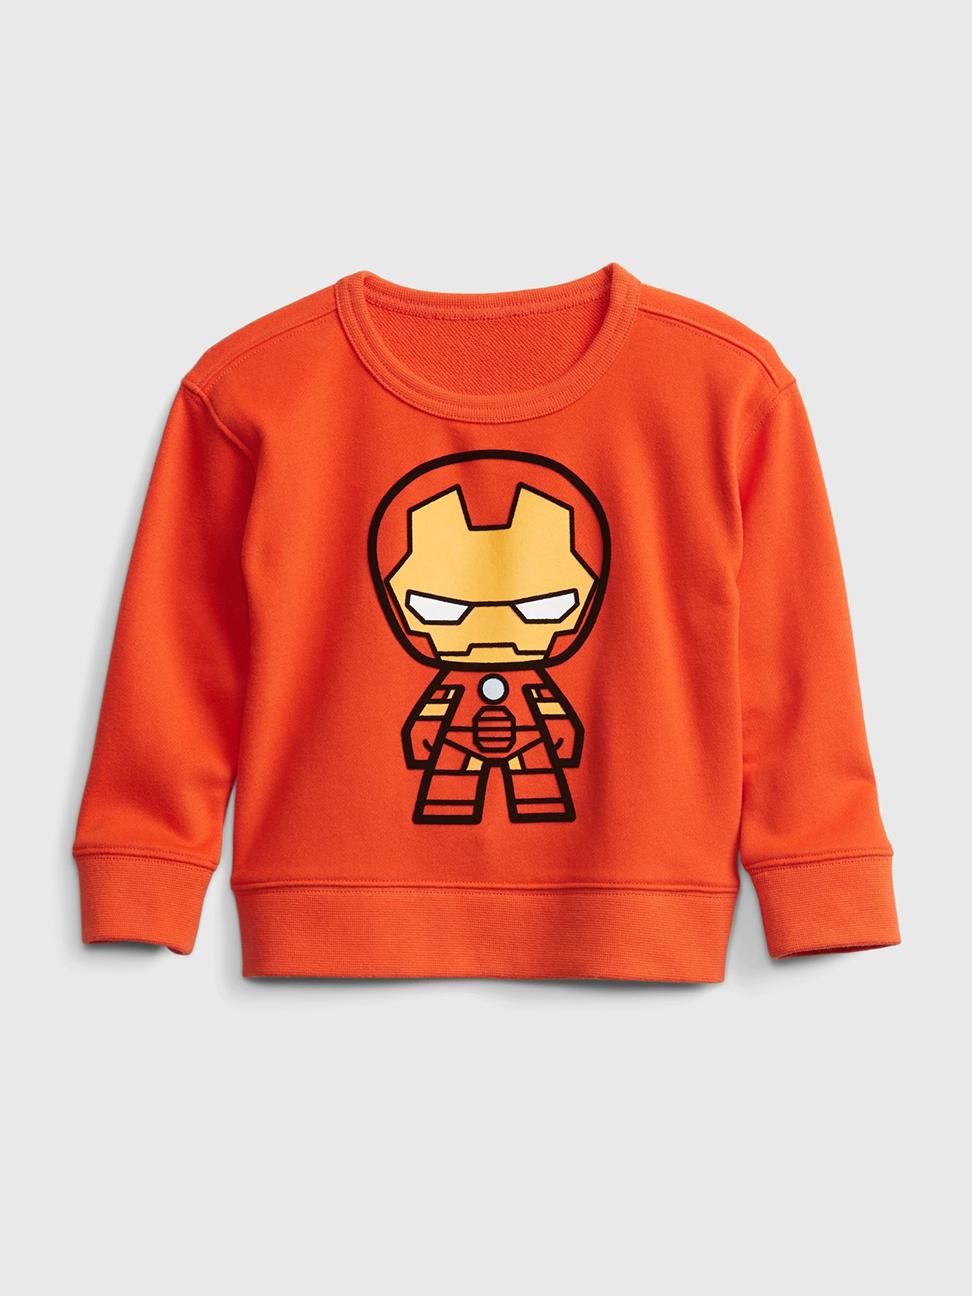 幼童 Gap x Marvel 漫威系列植絨休閒上衣